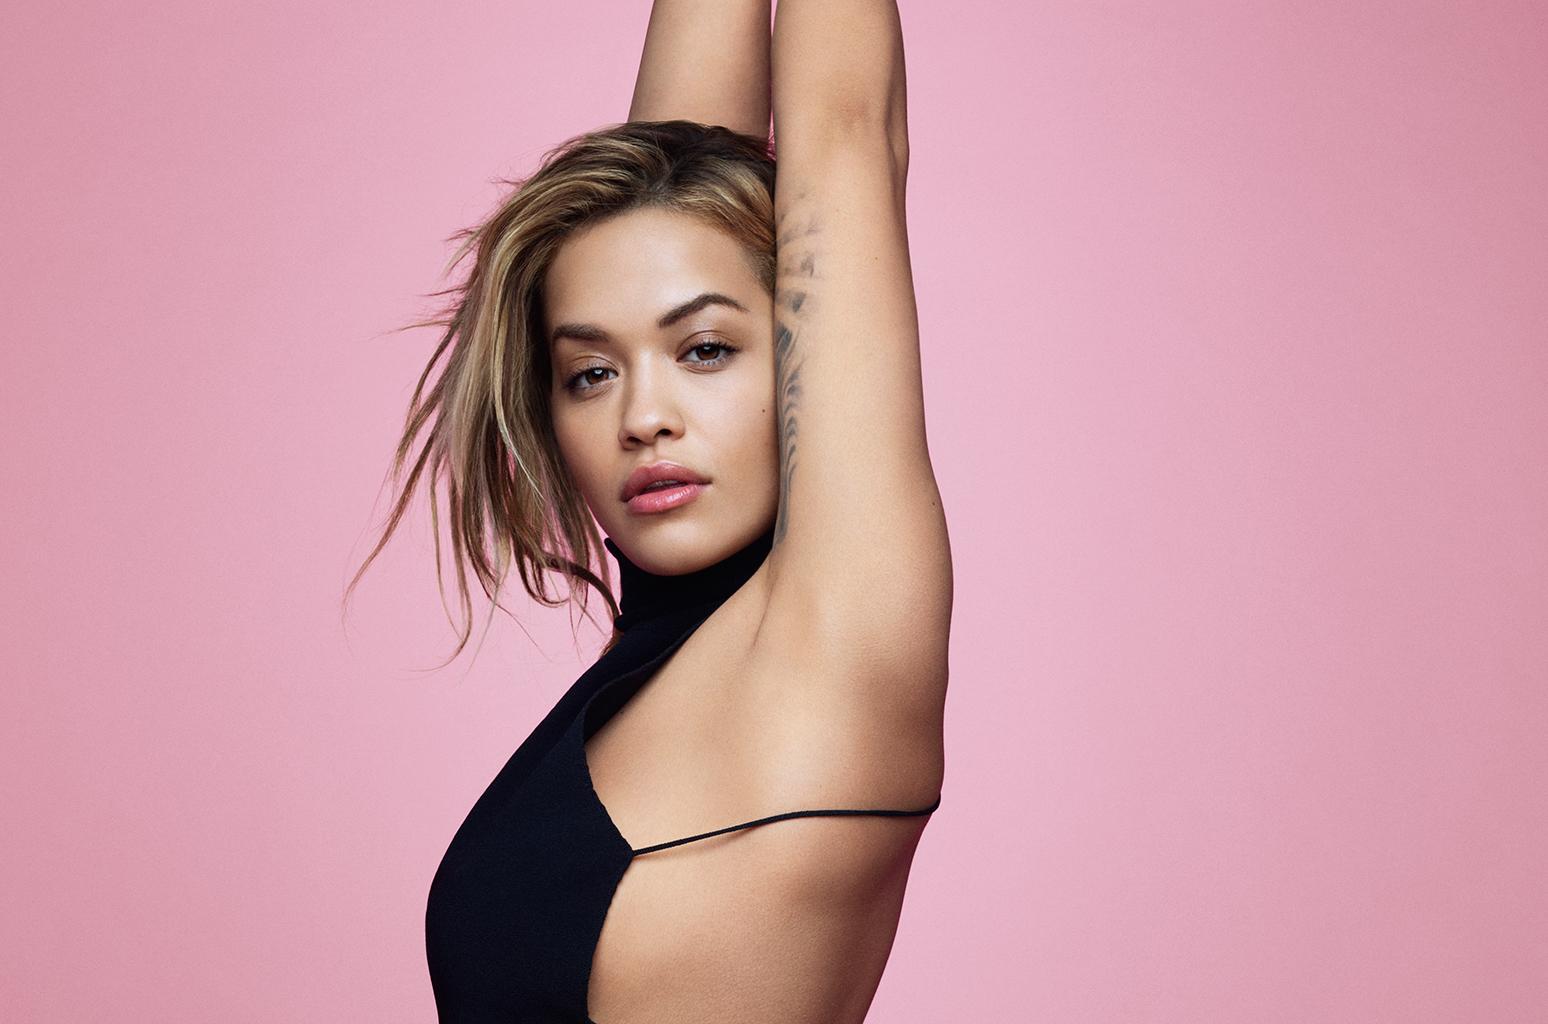 Pictures Rita Ora nudes (67 photos), Topless, Bikini, Feet, braless 2020